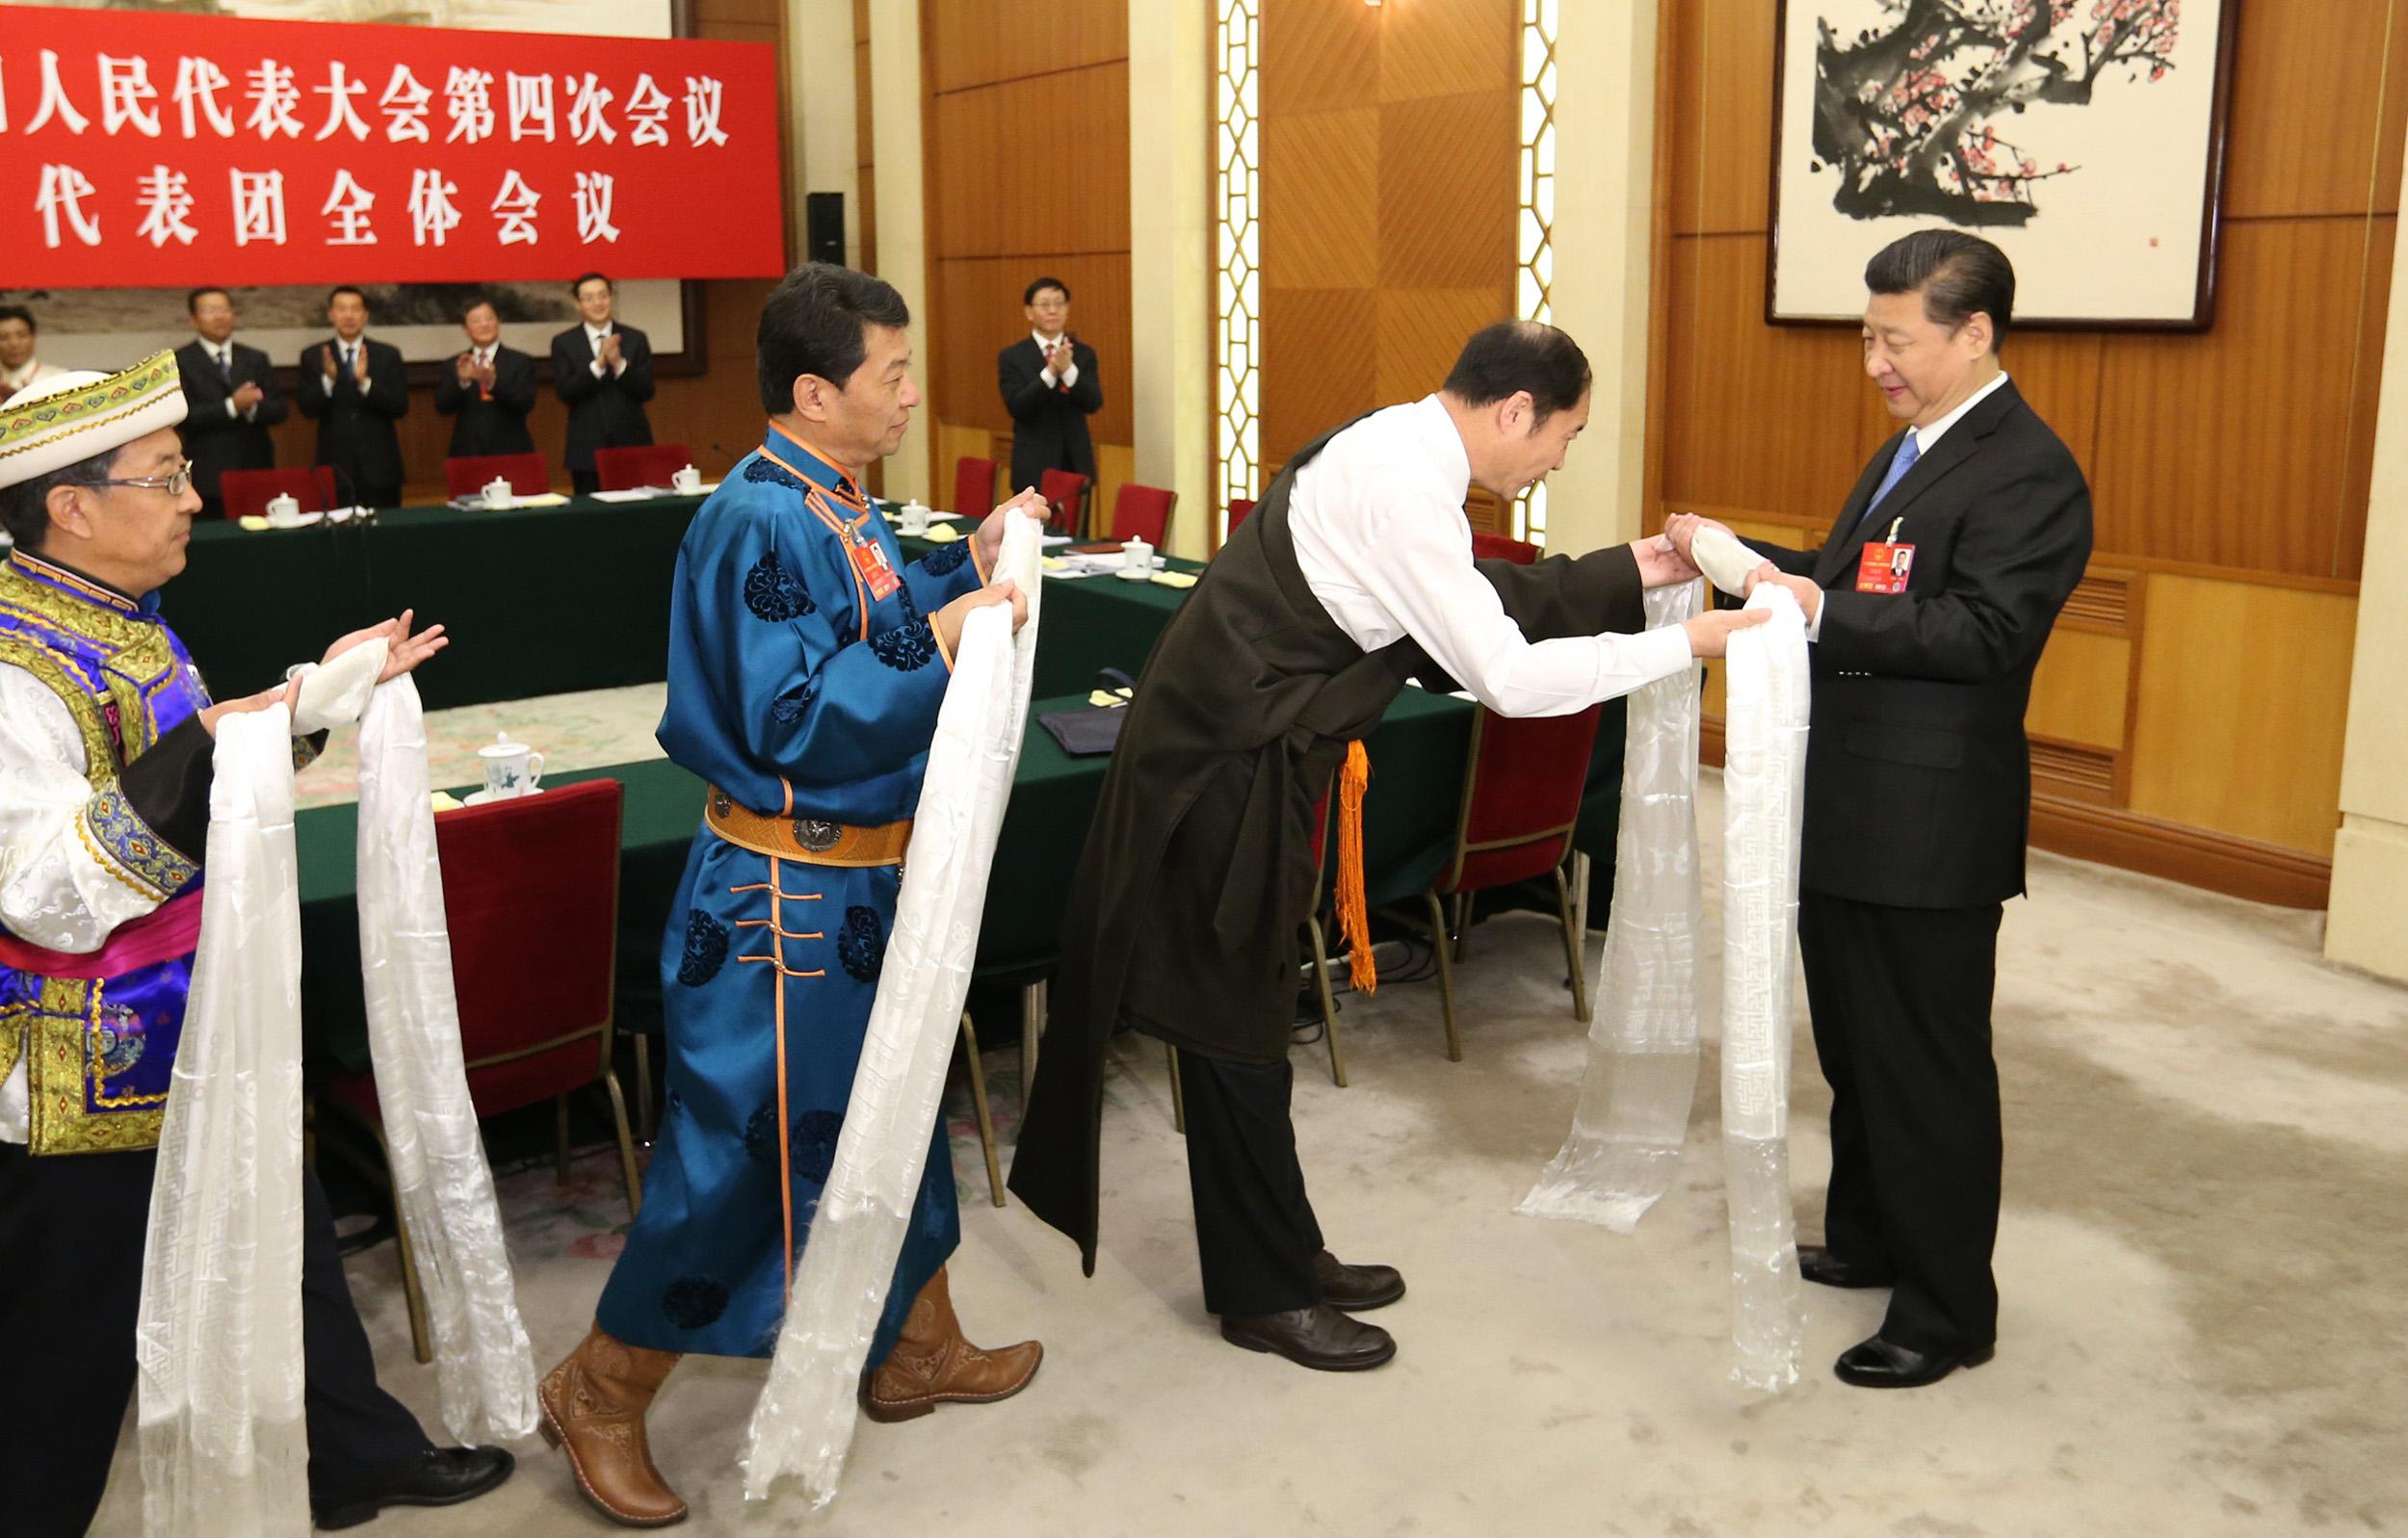 青海团代表向习近平总书记献哈达 共话民族大团结